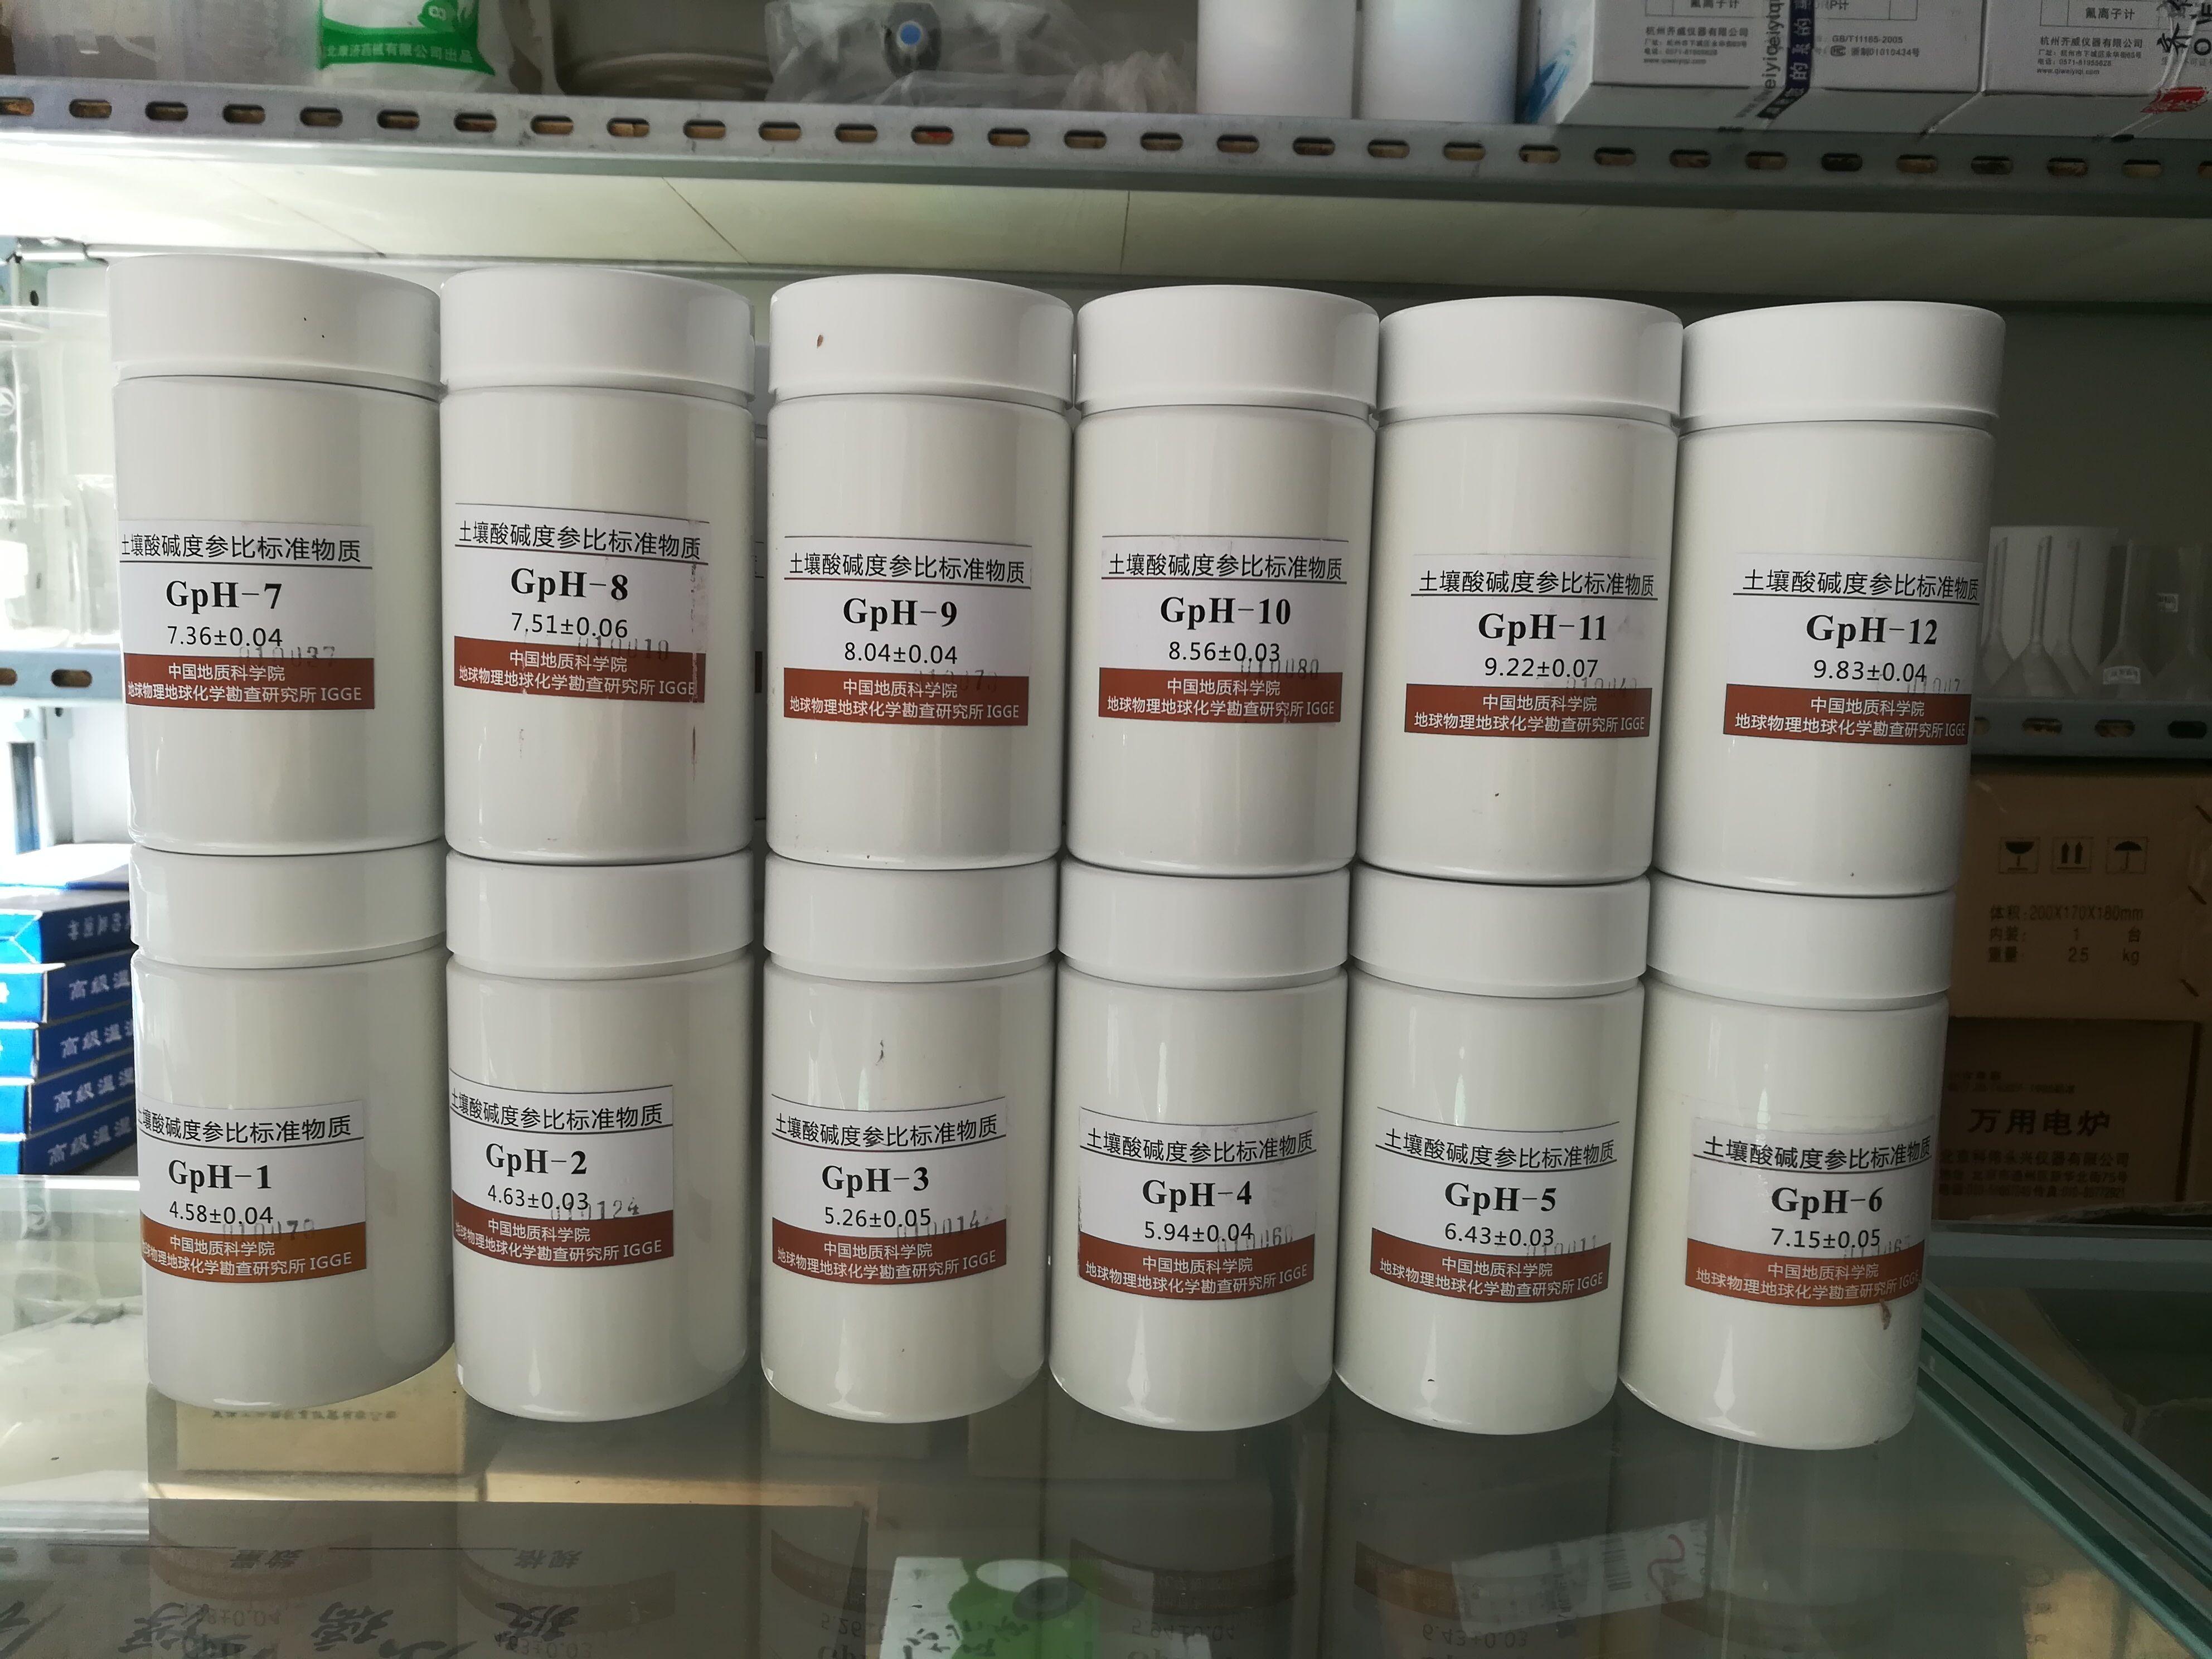 土壤标样 GpH-3土壤酸碱度参比标准物质 广西梧州红壤